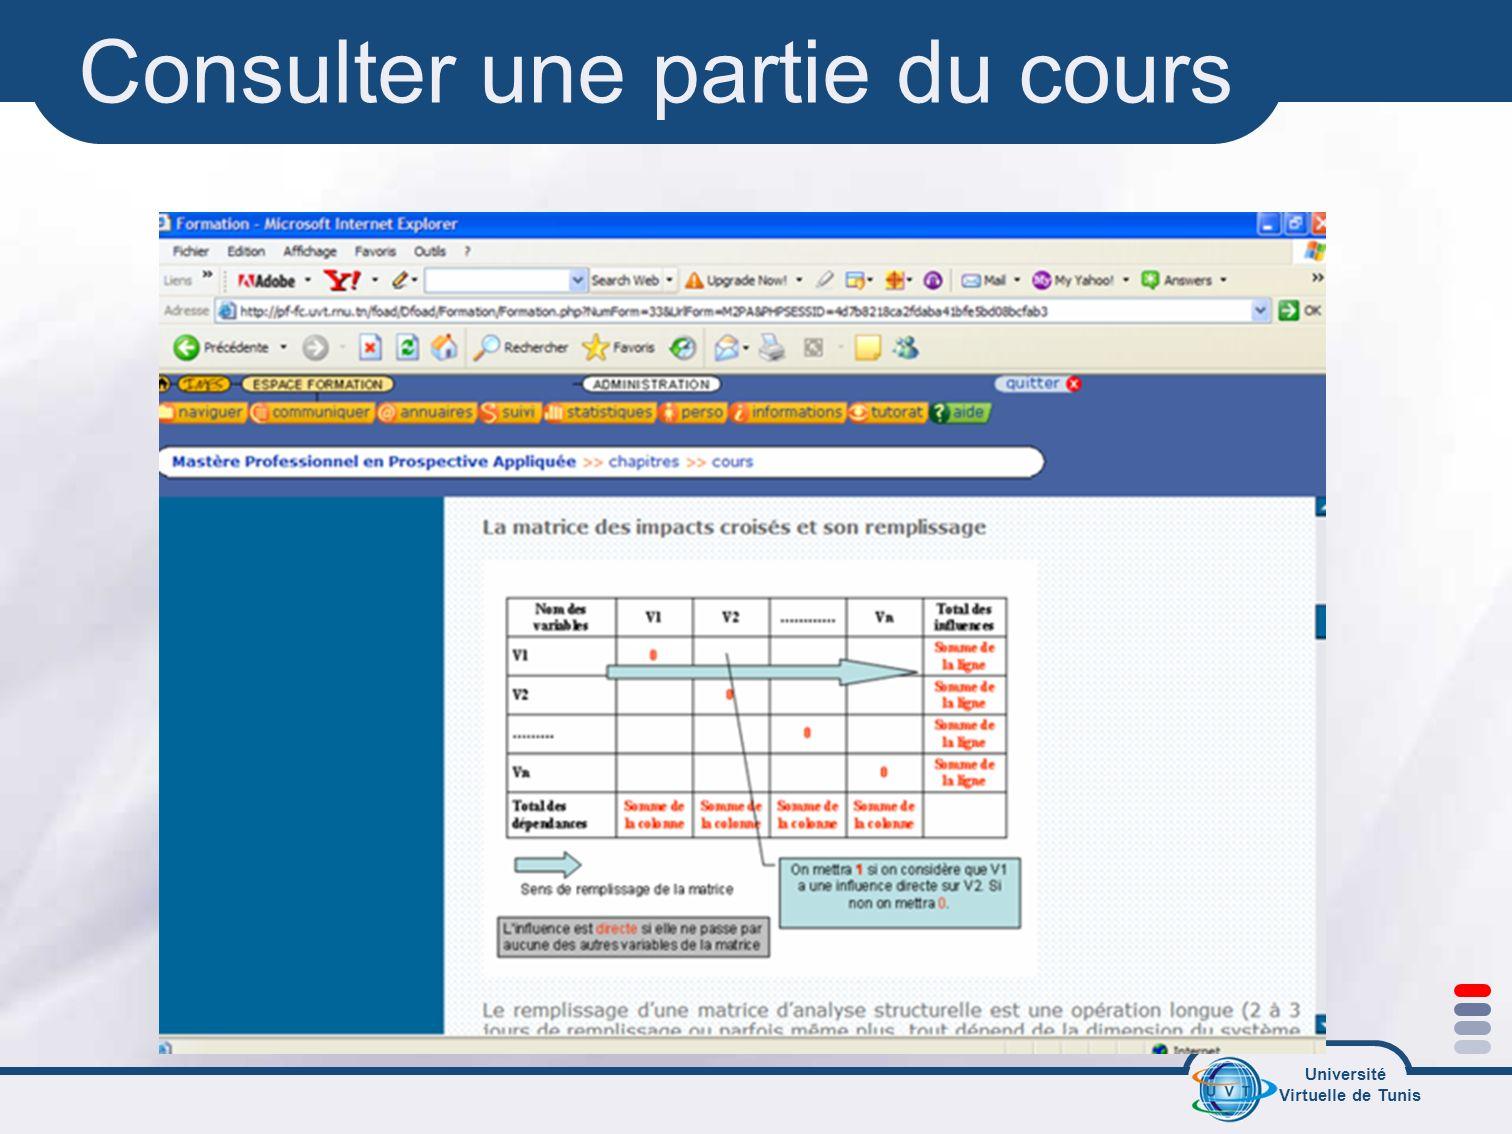 Université Virtuelle de Tunis Consulter une partie du cours